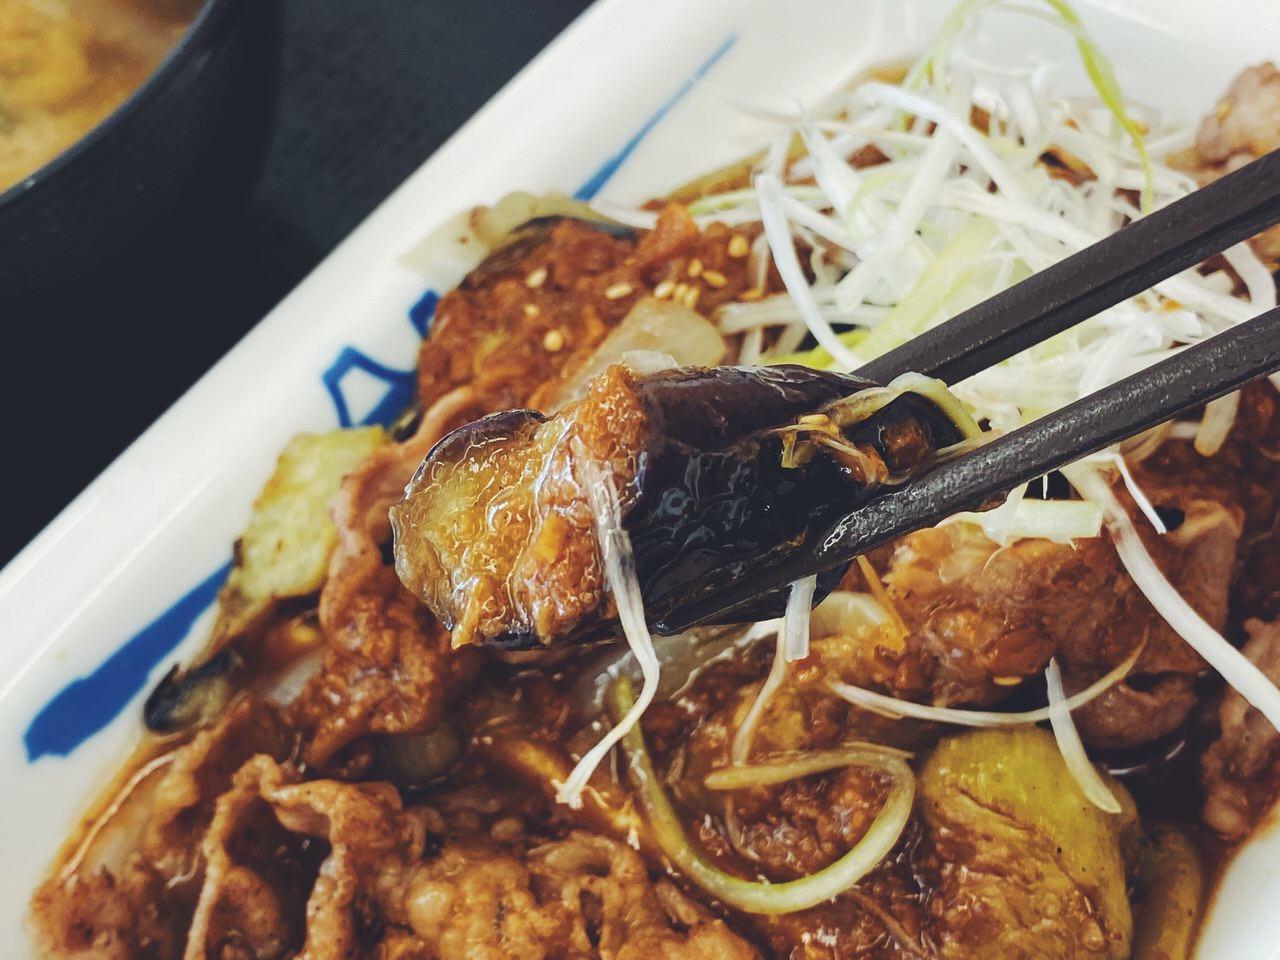 【松屋】「牛焼肉と茄子のにんにく味噌定食」7